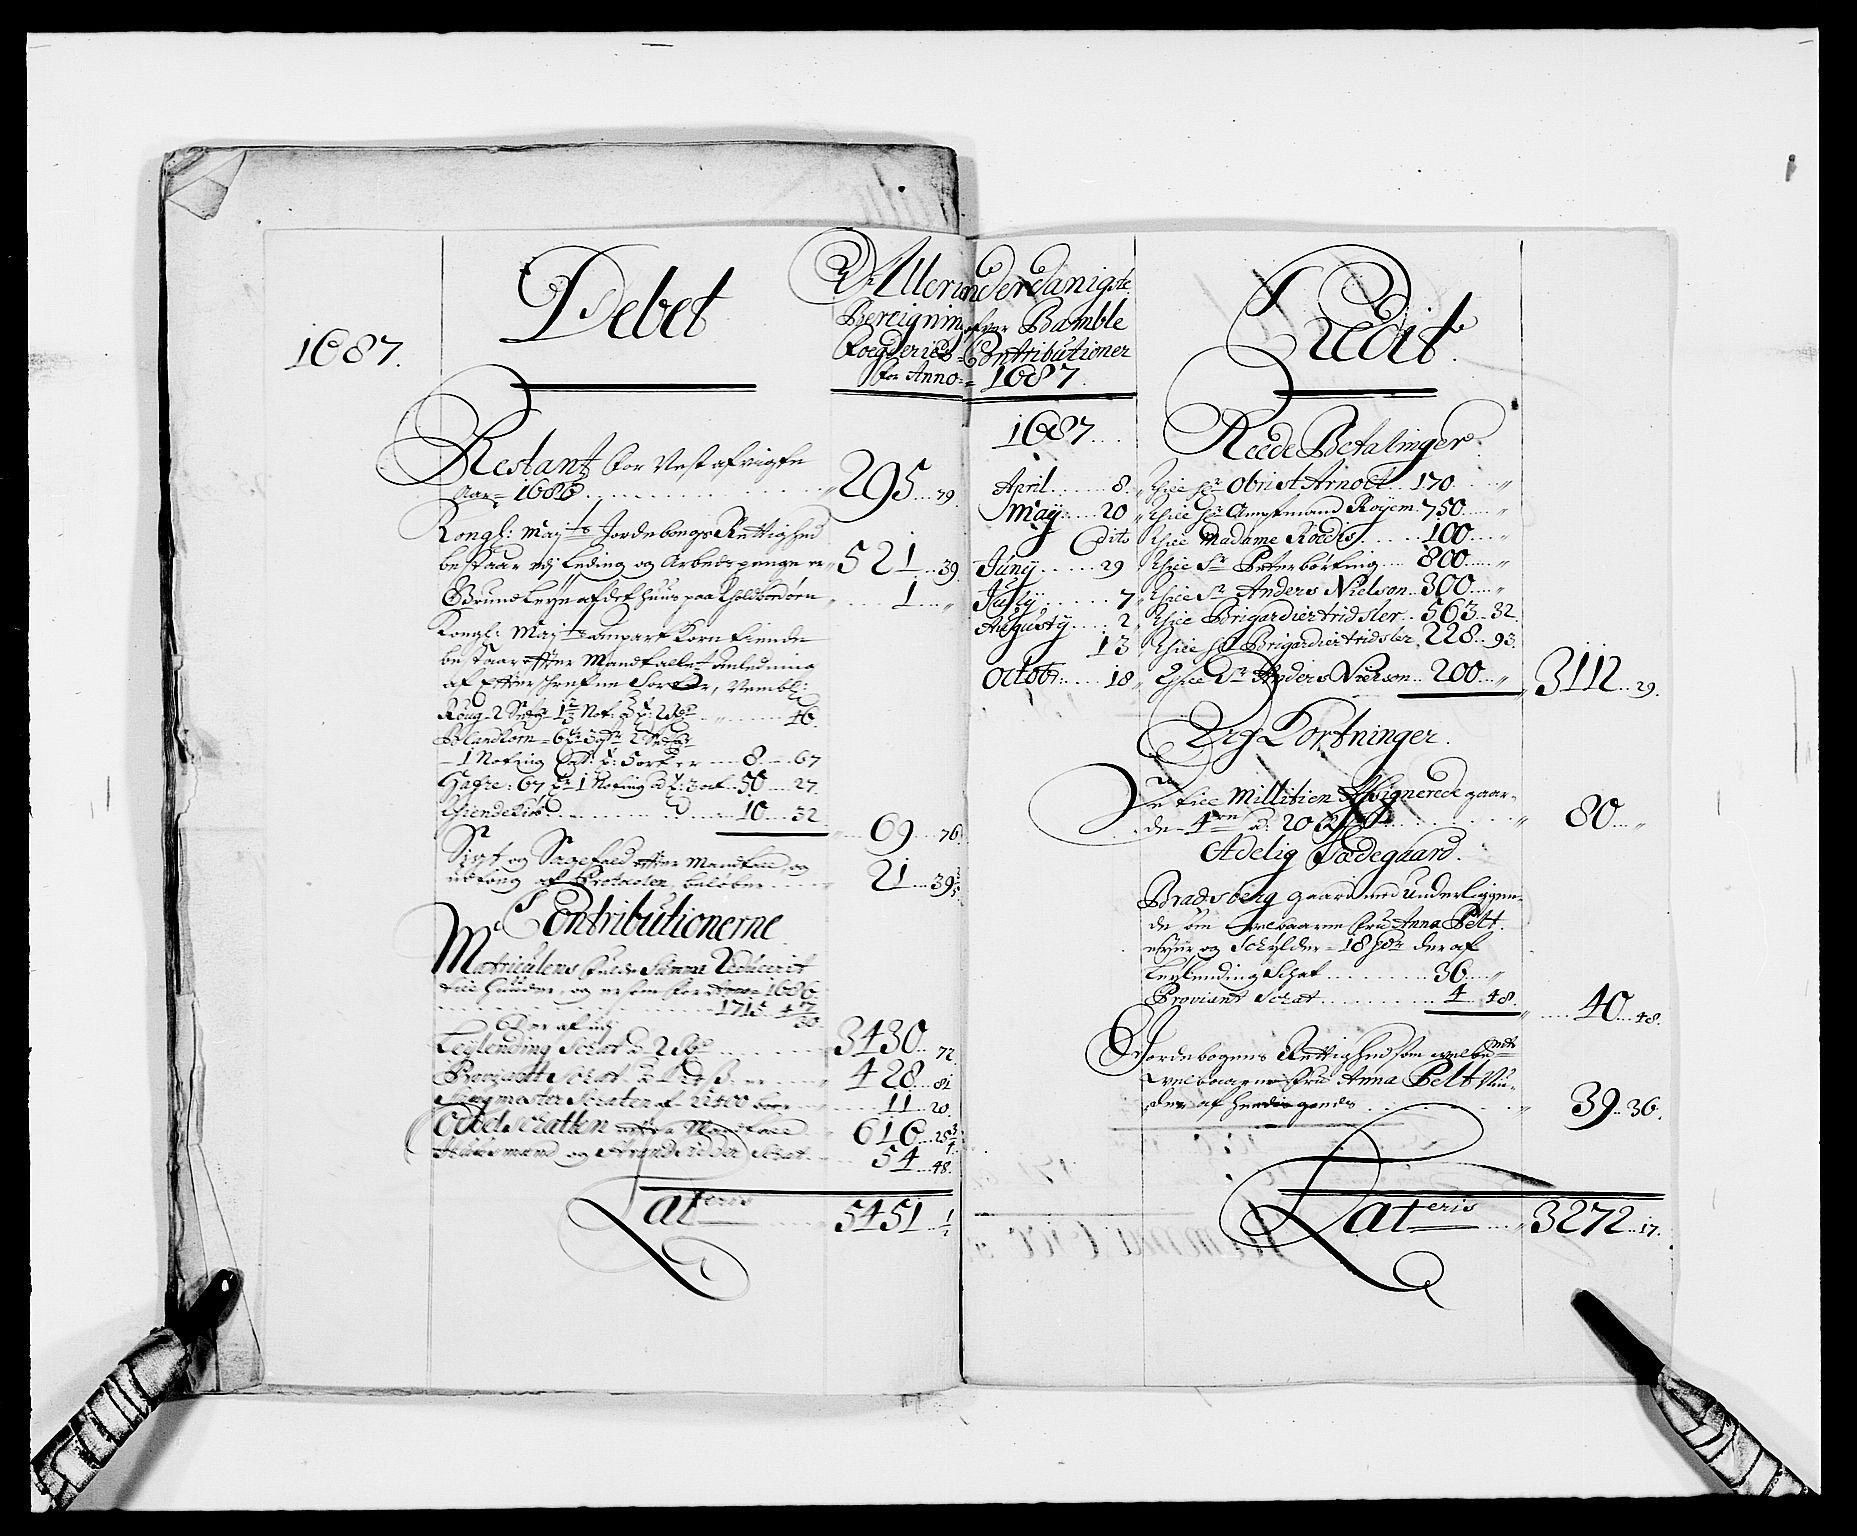 RA, Rentekammeret inntil 1814, Reviderte regnskaper, Fogderegnskap, R34/L2048: Fogderegnskap Bamble, 1685-1687, s. 18